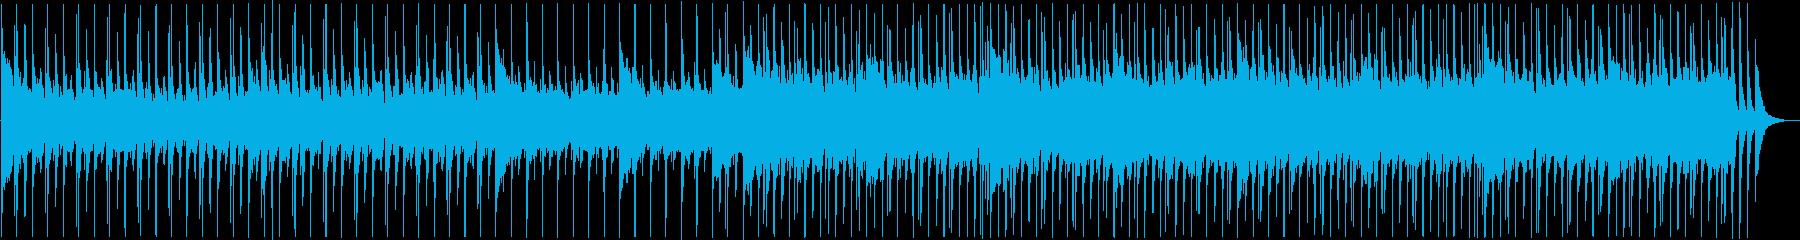 可愛い手拍子のポップス S(inst)の再生済みの波形